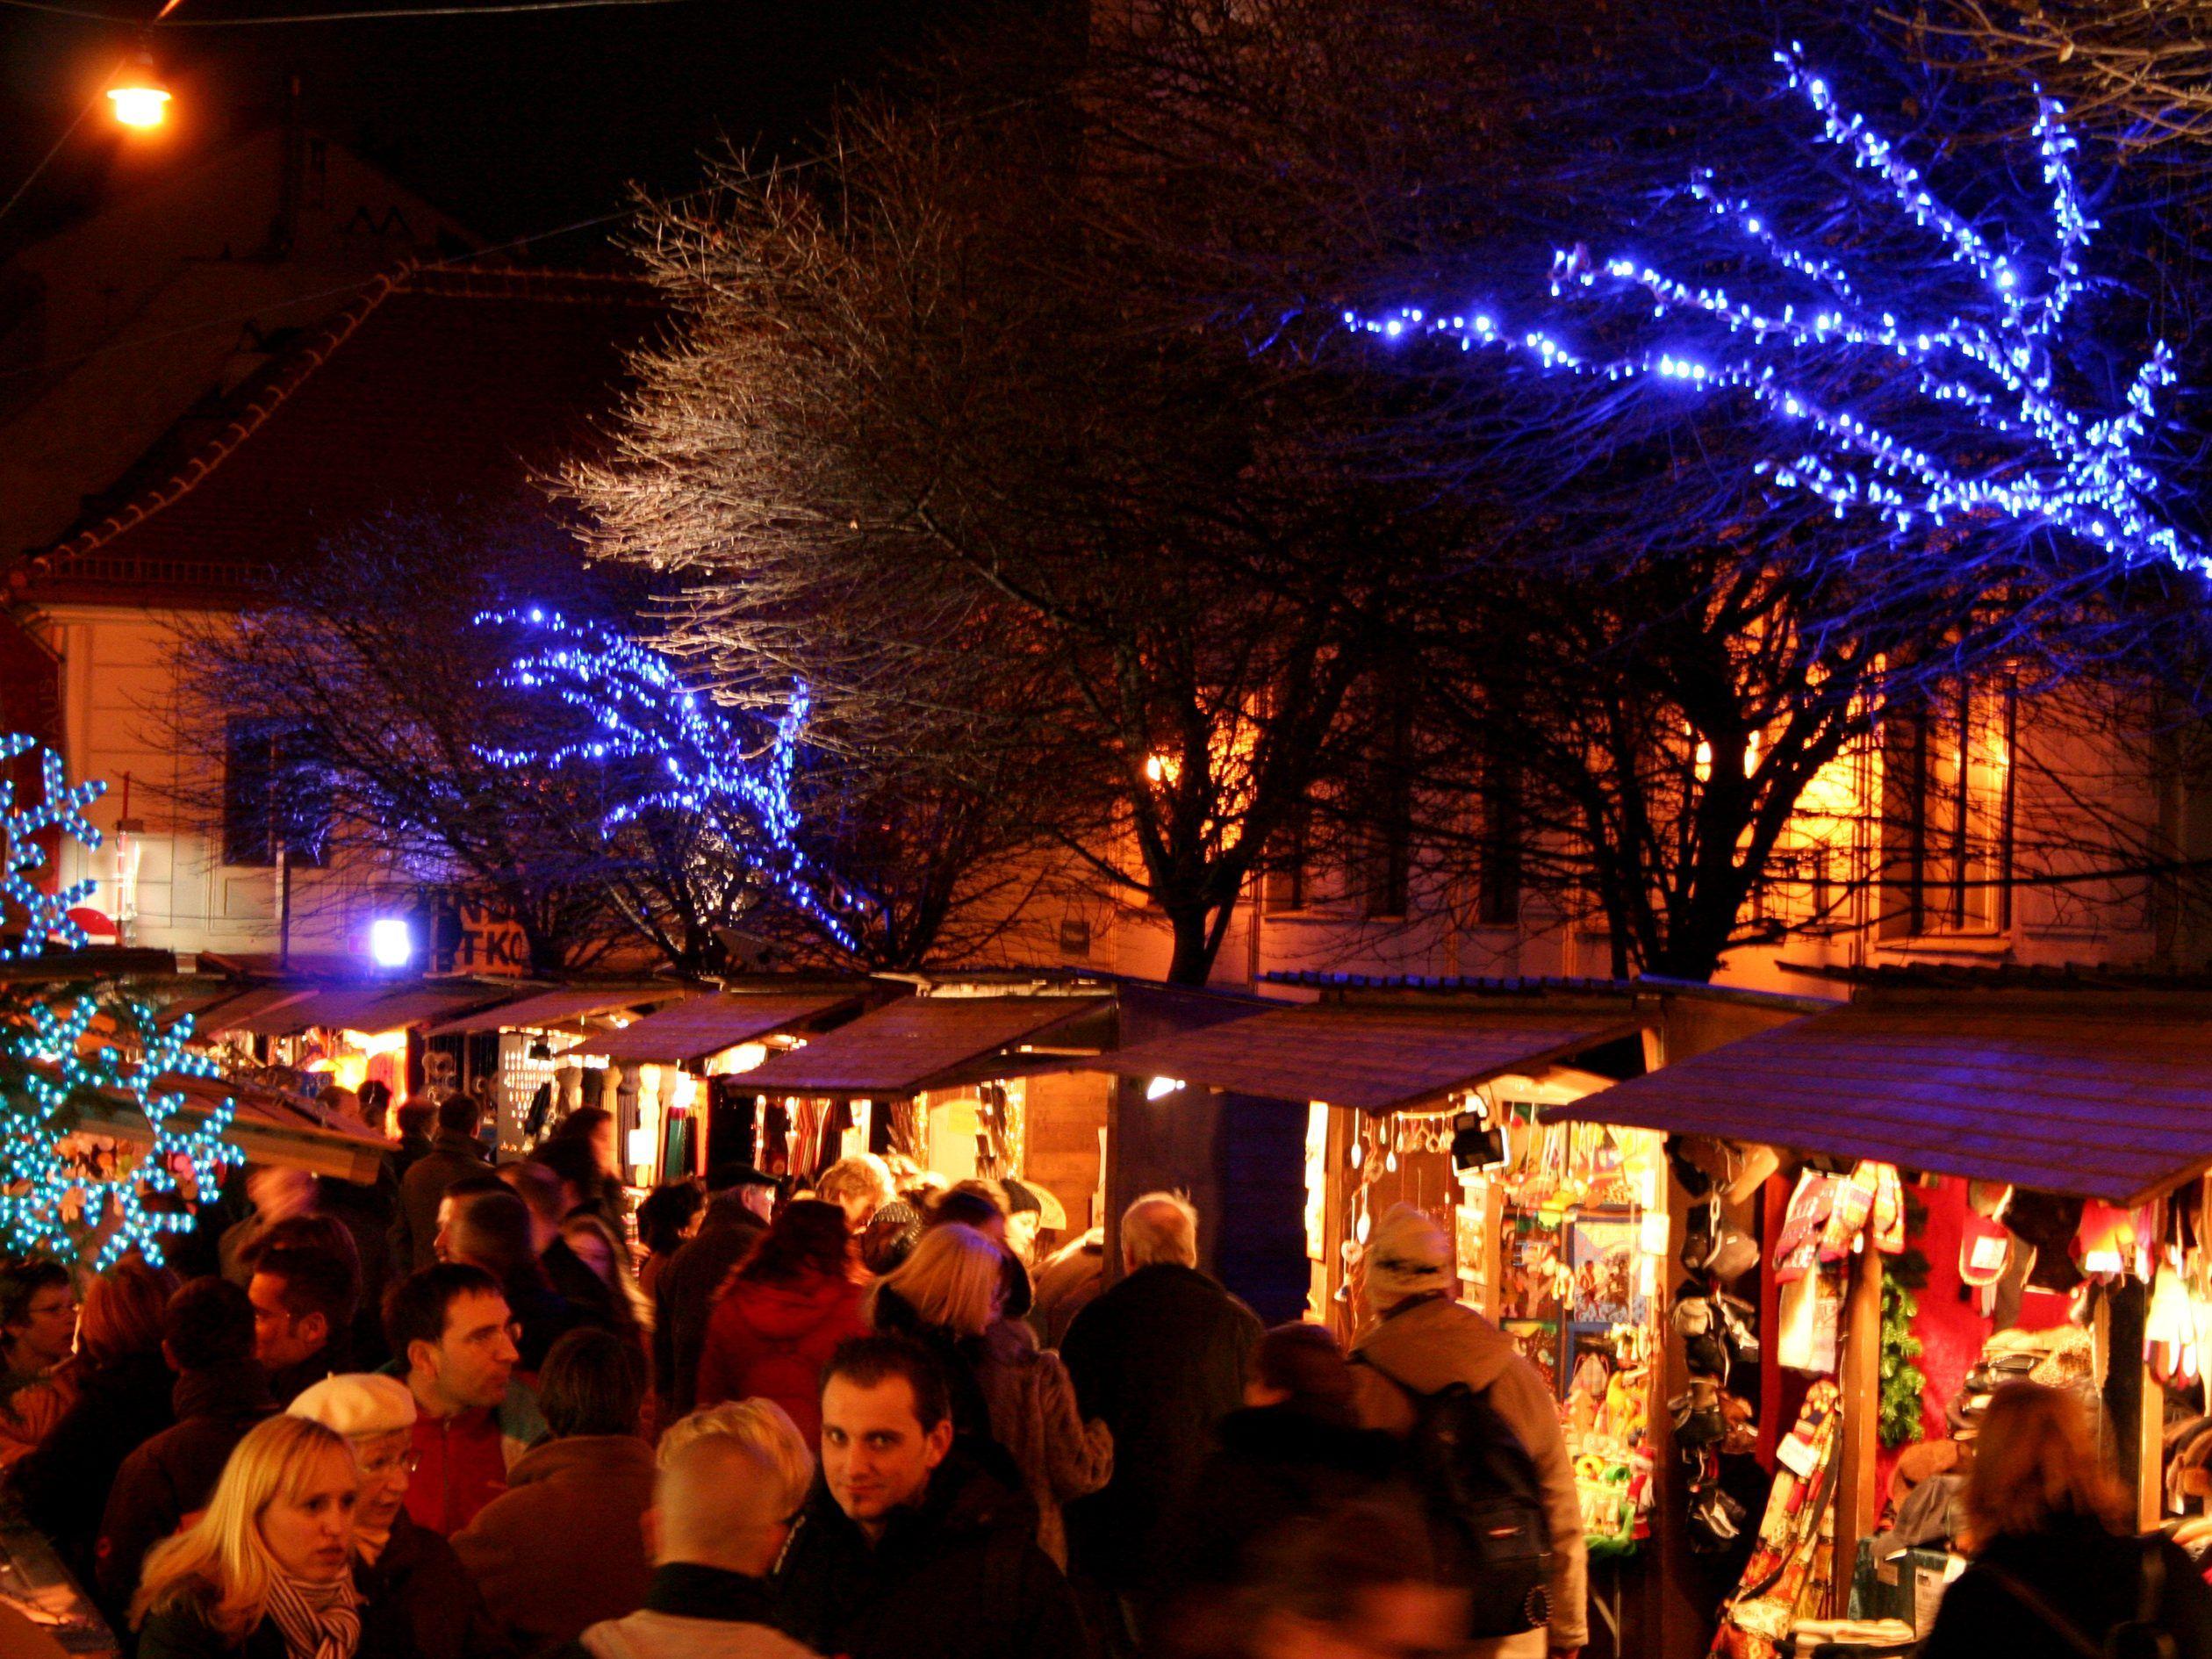 Das Weihnachtsmarkt.Weihnachtsmarkt Am Spittelberg 2018 Das Programm Im überblick